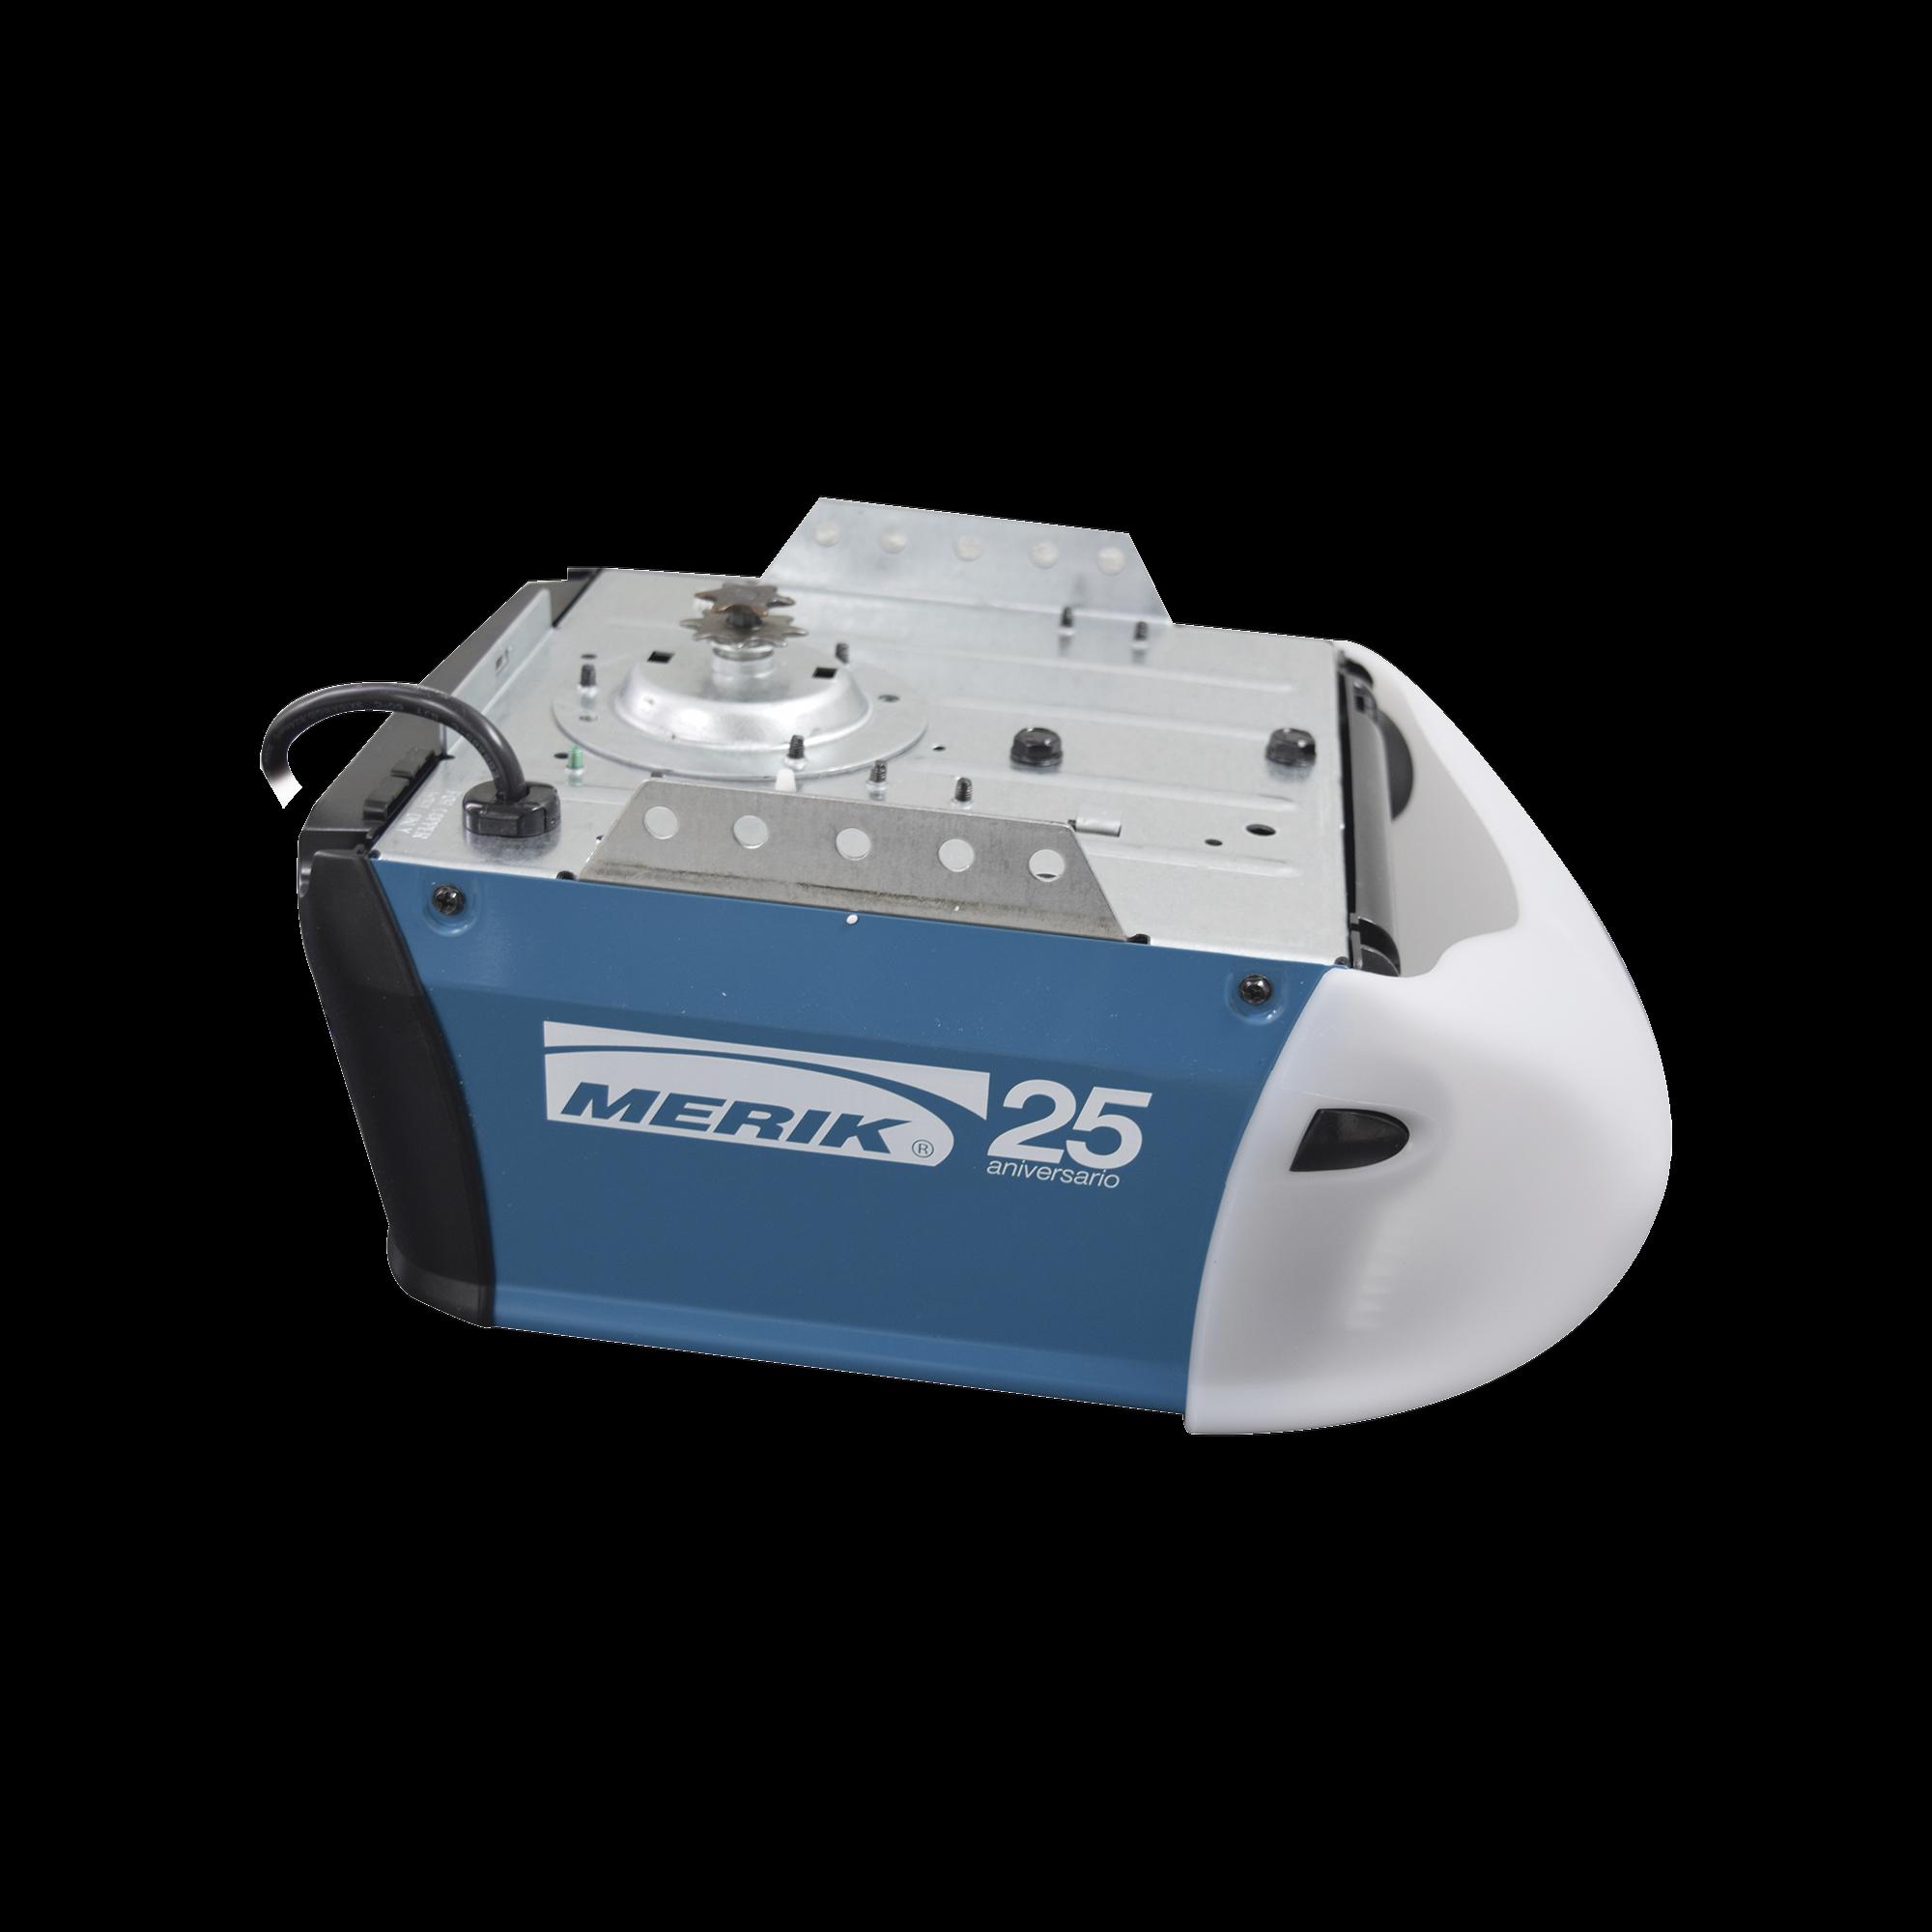 Abre puertas de  garage Merik 511 / Permite automatizar cualquier tipo de porton vehicular / Se instala en cualquier direccion